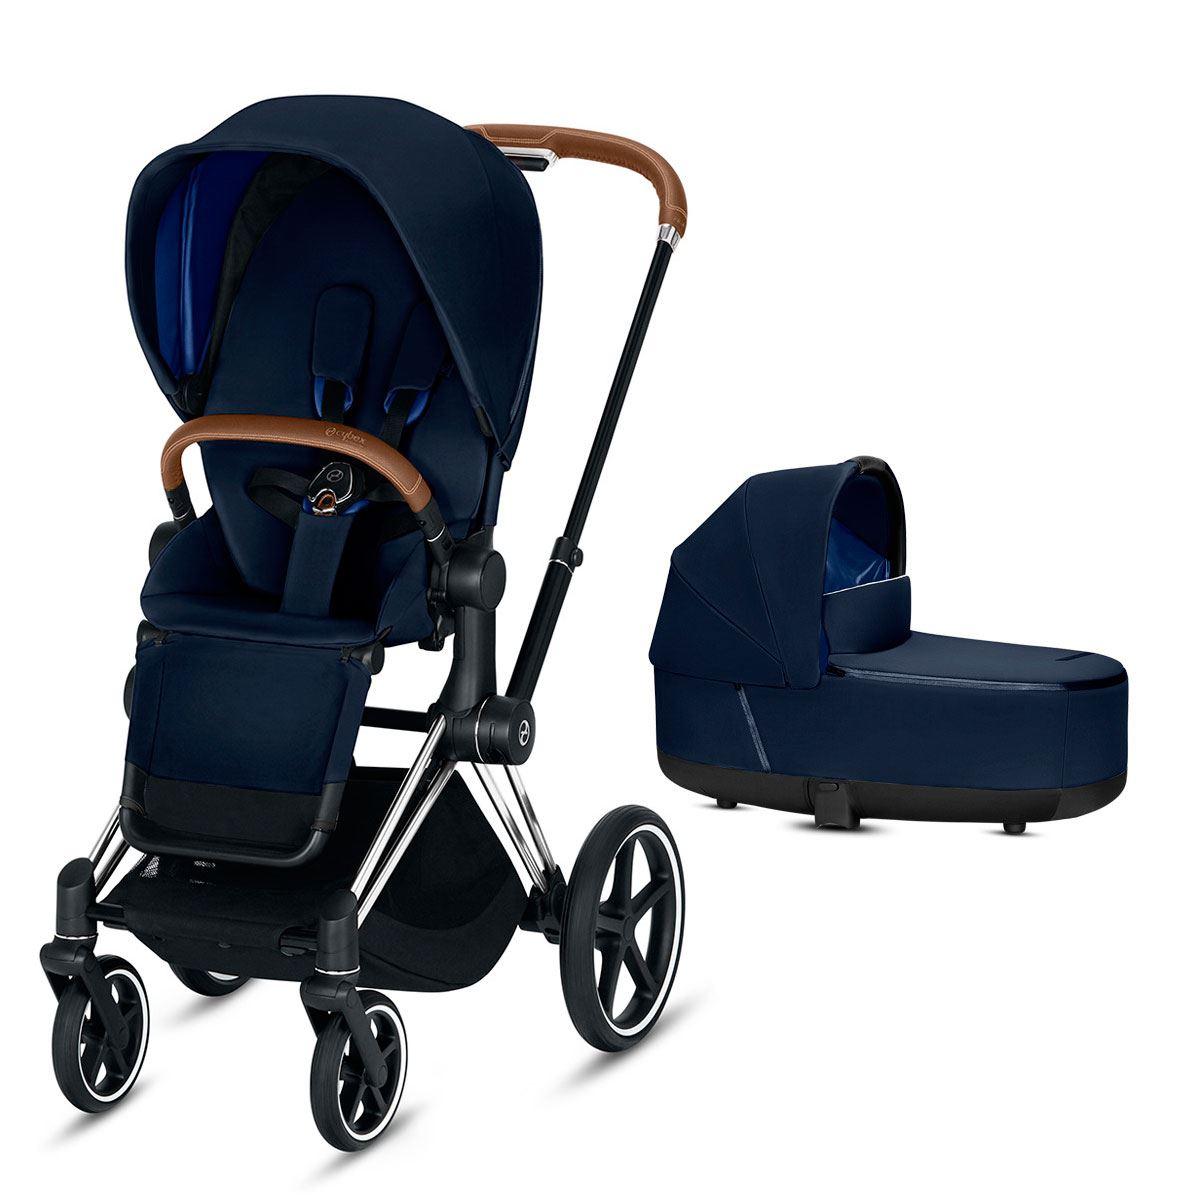 Duo Priam con silla lux y capazo lux indigo blue chasis cromado marron